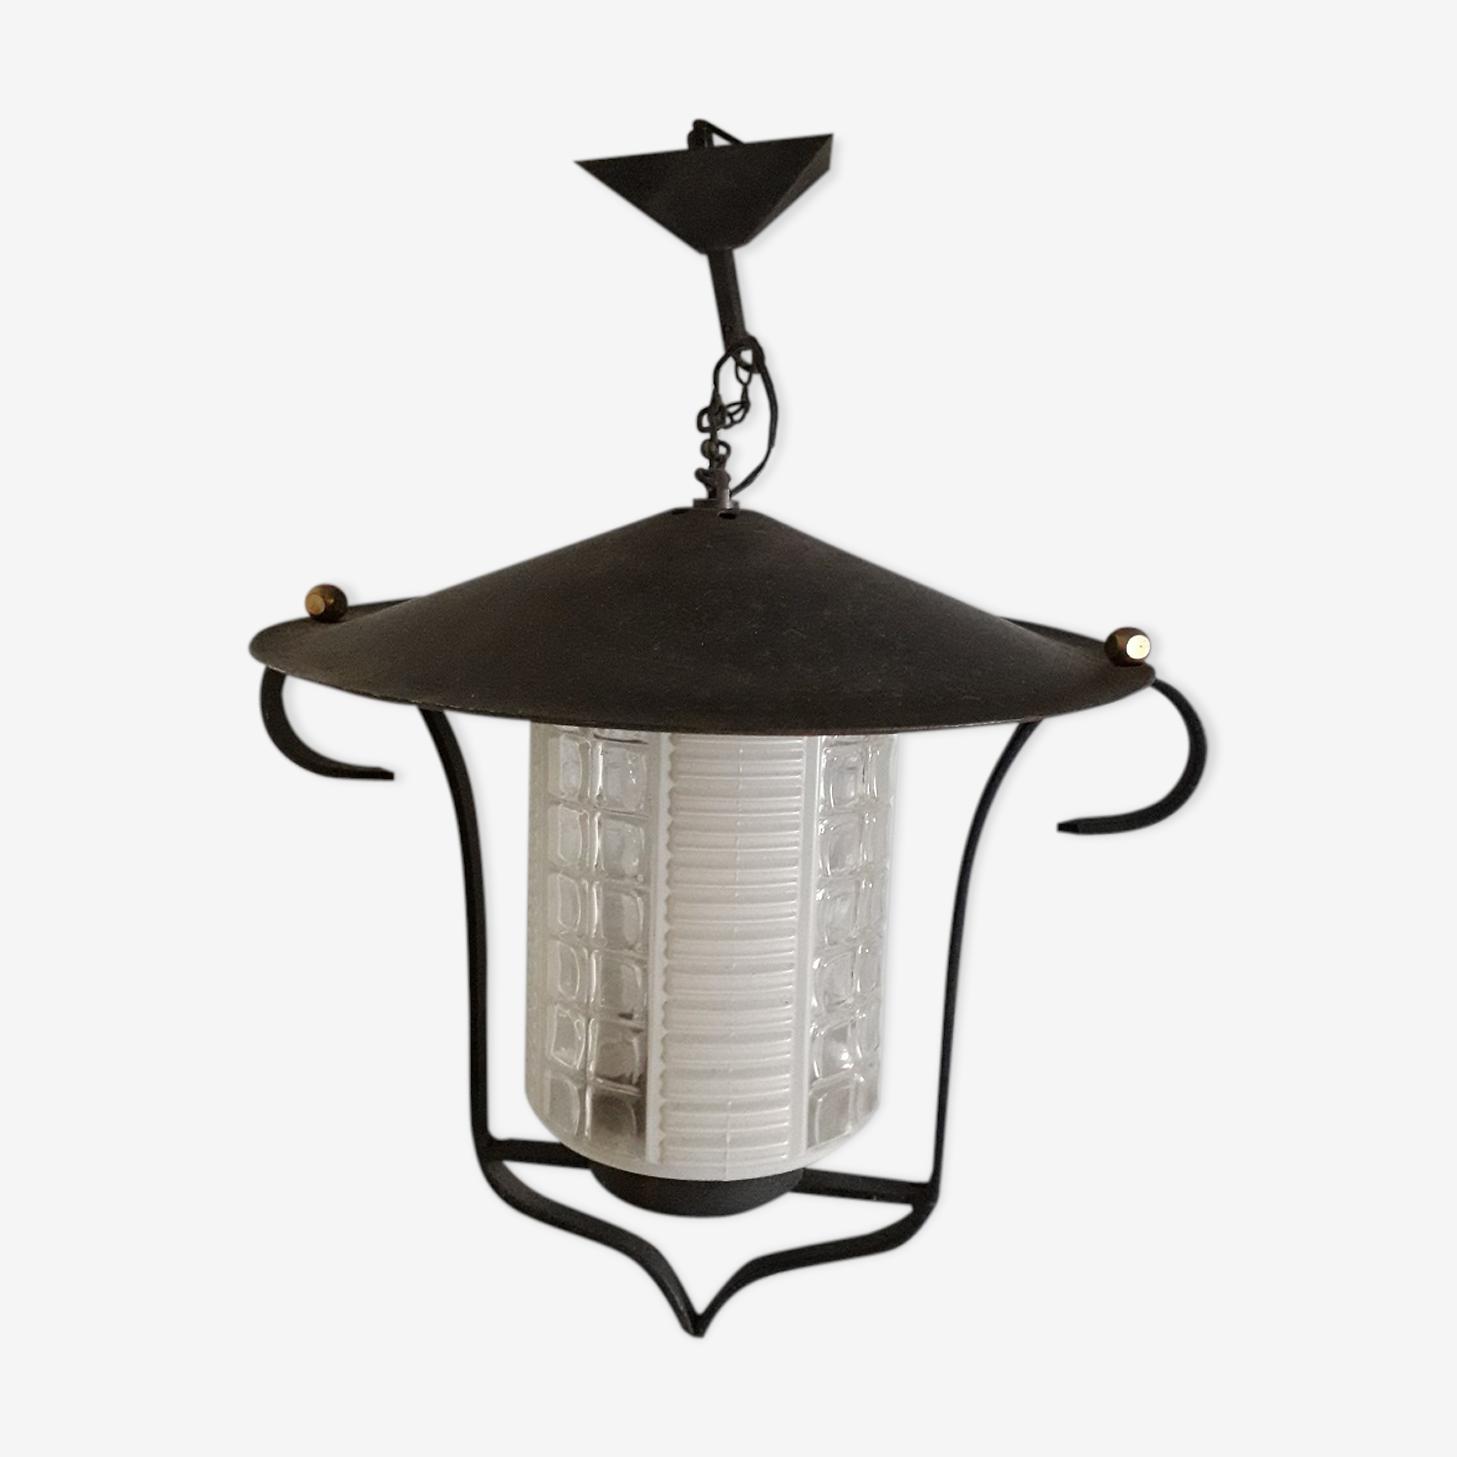 Suspension lanterne métal et verre